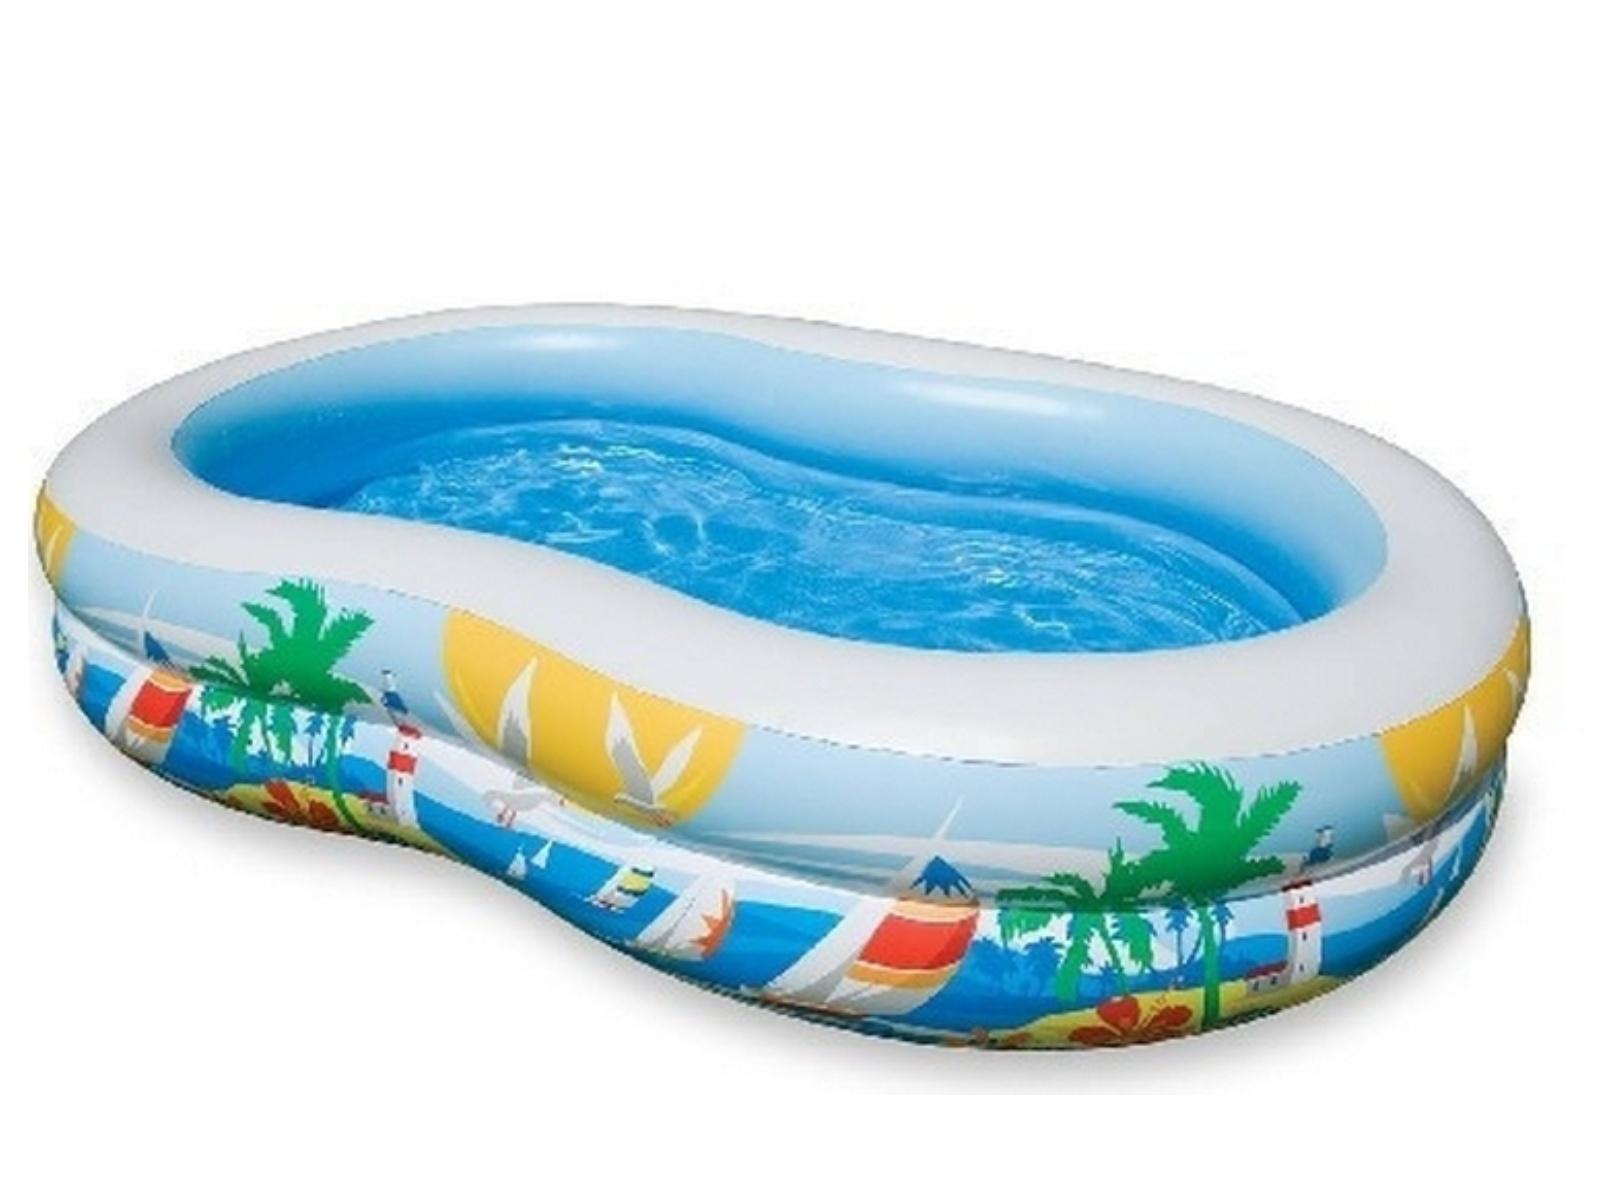 Nafukovací bazén INTEX Paradise Pool 262 x 160 cm